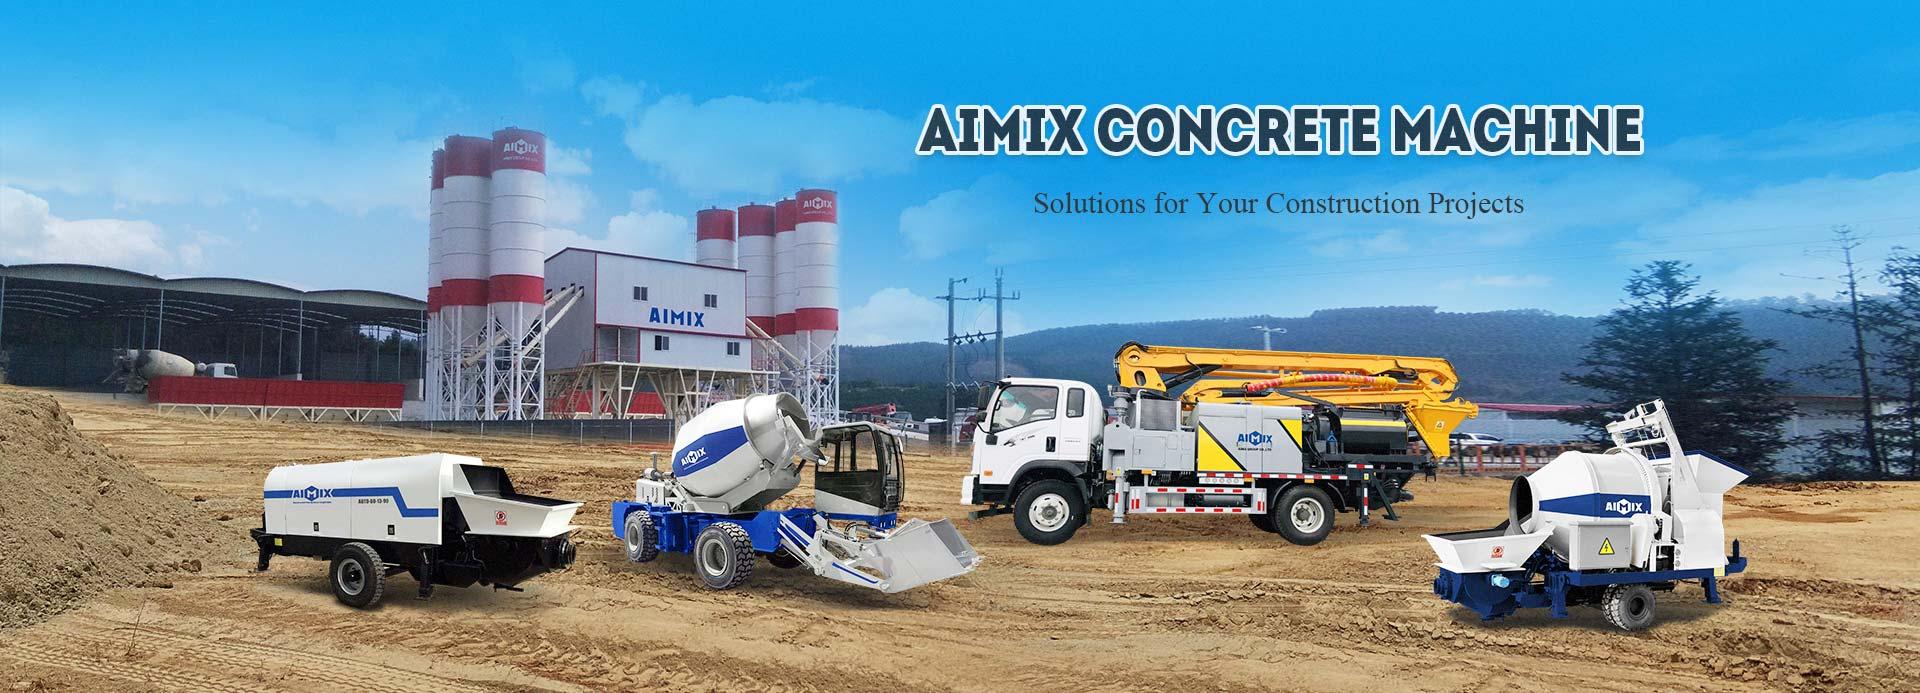 Betonmischer mit Pumpe - AIMIX gruppe an